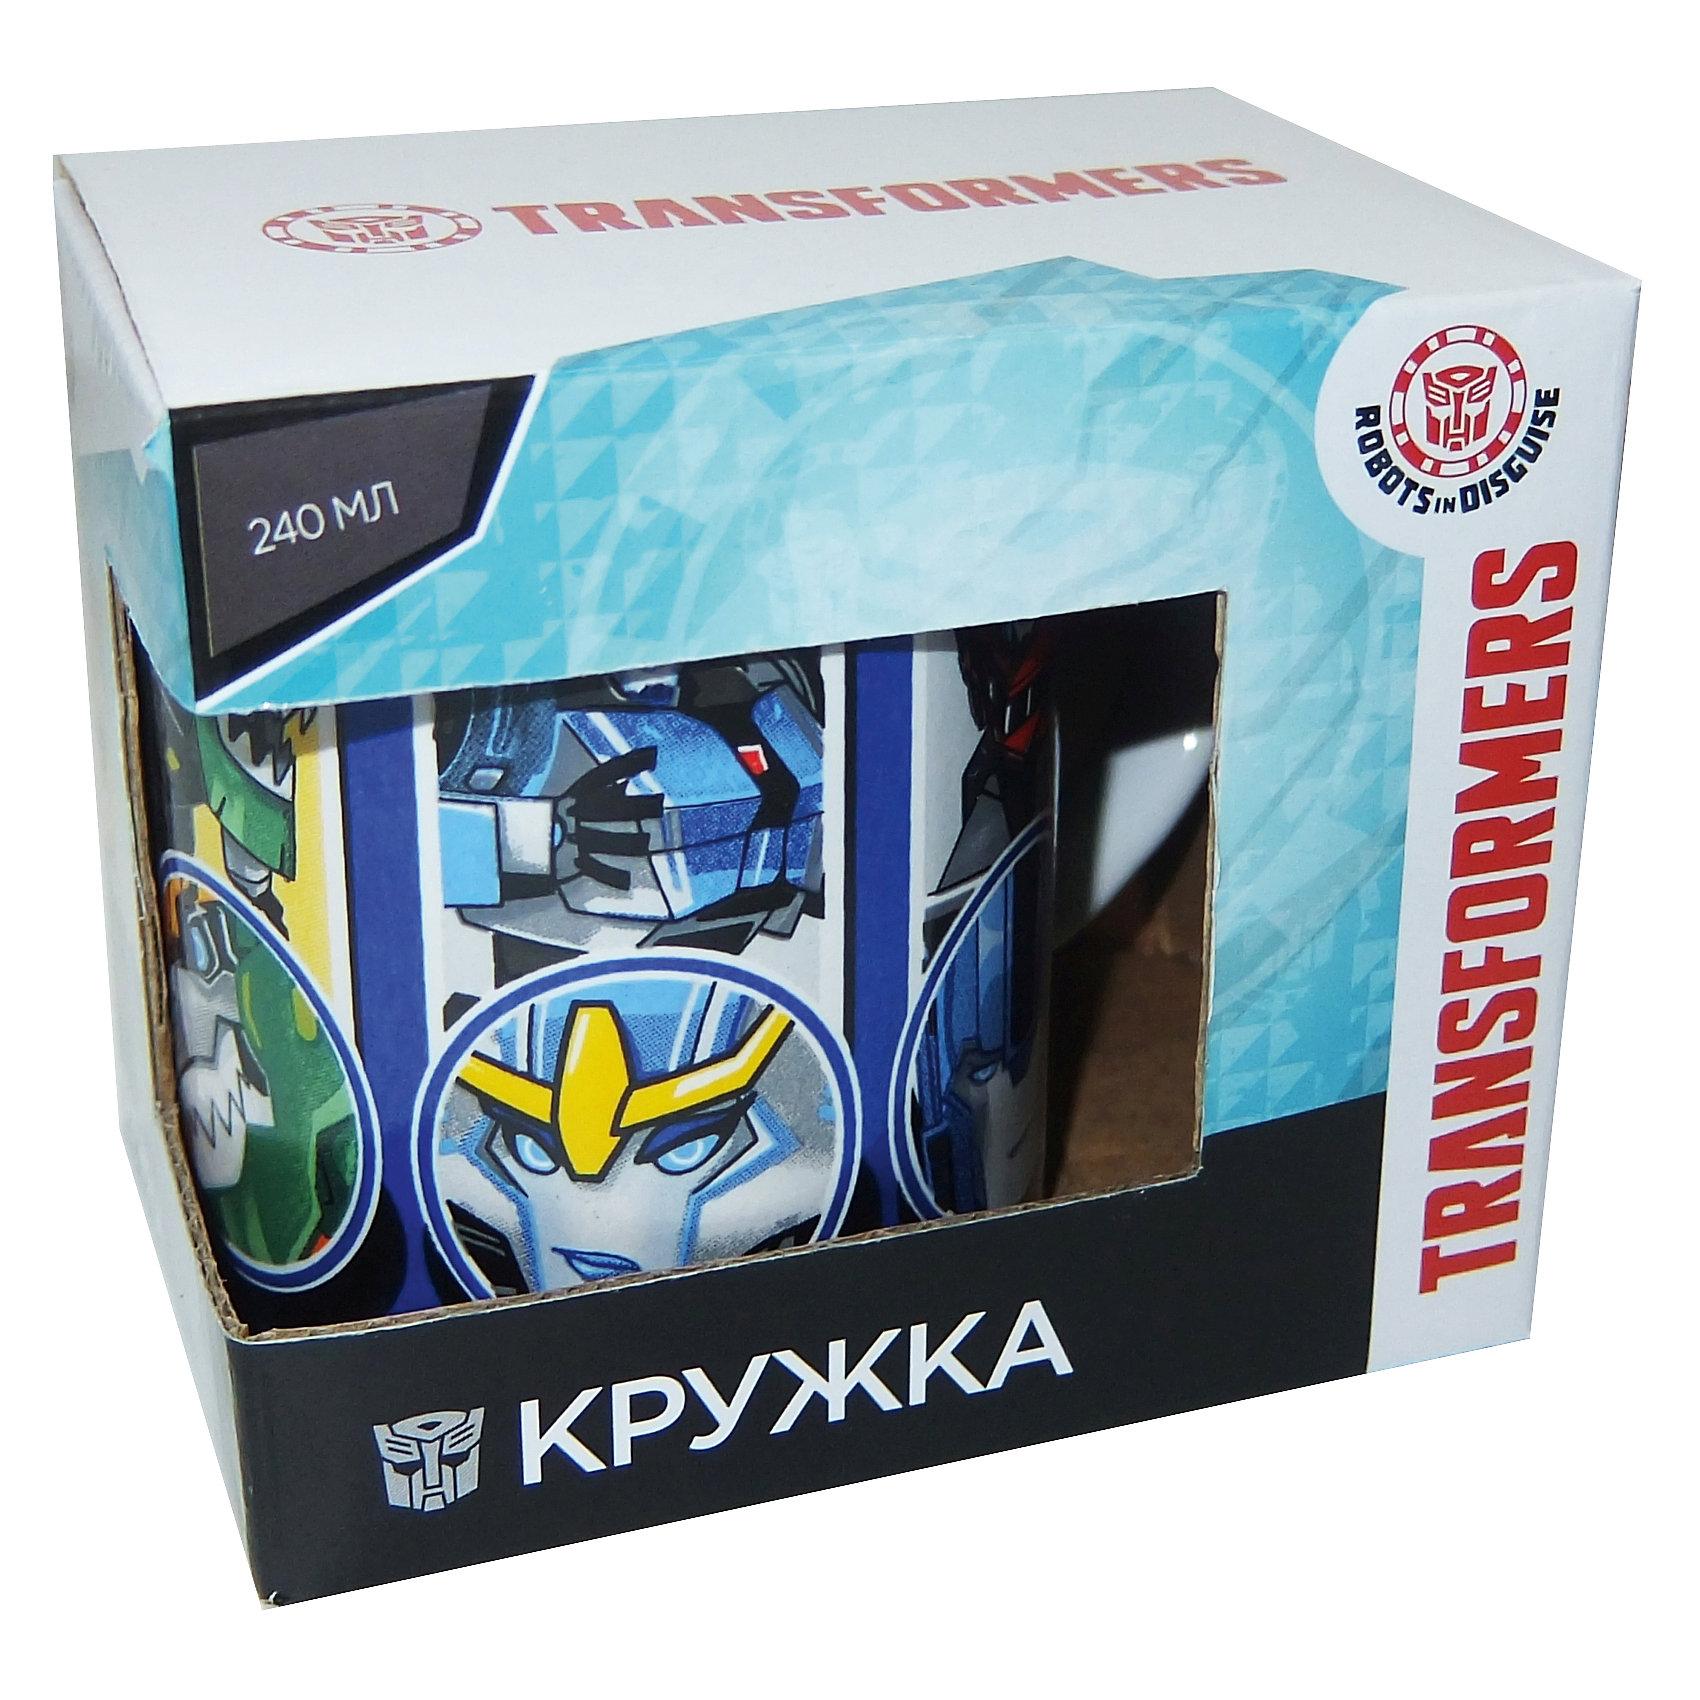 Кружка Transformers Роботы под прикрытием в подарочной упаковке, 240 мл,Посуда<br>Характеристики:<br><br>• Материал: керамика<br>• Тематика рисунка: Трансформеры<br>• Можно использовать для горячих и холодных напитков<br>• Упаковка: подарочная картонная коробка<br>• Объем: 240 мл<br>• Вес: 280 г<br>• Размеры (Д*Ш*В): 12*8,2*9,5 см<br>• Особенности ухода: можно мыть в посудомоечной машине<br><br>Кружка Transformers Роботы под прикрытием в подарочной упаковке, 240 мл выполнена в стильном дизайне: на синий корпус нанесено изображение героев популярного мультсериала Трансформеры. Изображение детально отражает облик экранного прототипа, устойчиво к появлению царапин, не выцветает при частом мытье. <br><br>Кружку Transformers Роботы под прикрытием в подарочной упаковке, 240 мл можно купить в нашем интернет-магазине.<br><br>Ширина мм: 120<br>Глубина мм: 82<br>Высота мм: 95<br>Вес г: 280<br>Возраст от месяцев: 36<br>Возраст до месяцев: 1188<br>Пол: Мужской<br>Возраст: Детский<br>SKU: 6849972